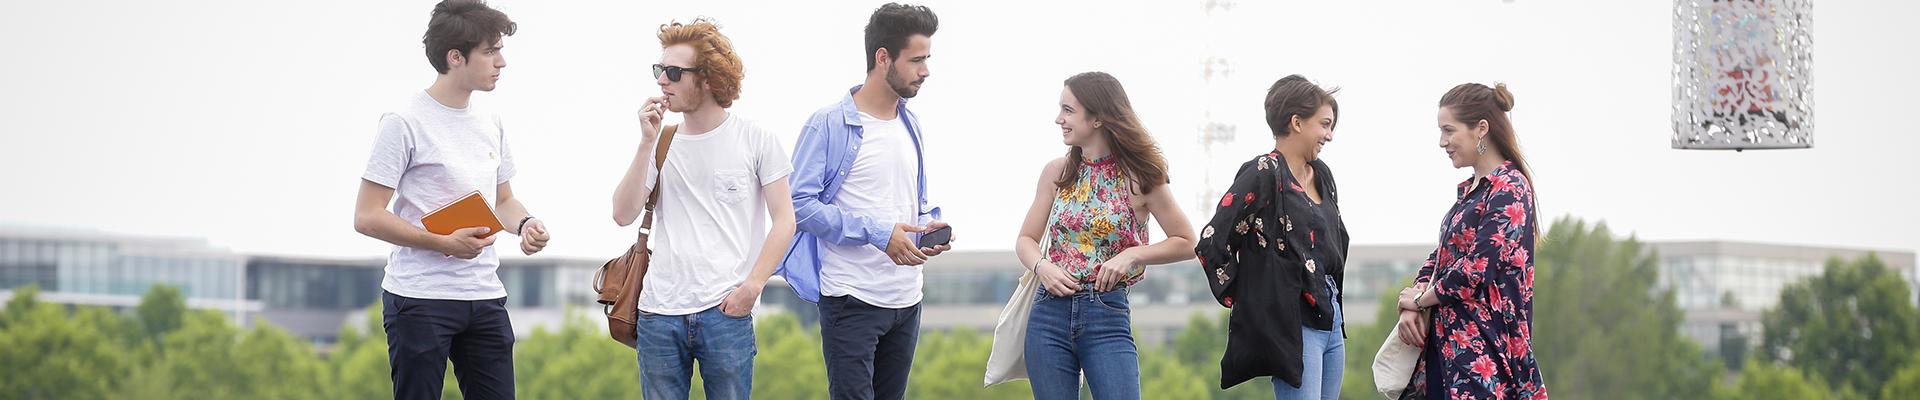 Rejoindre un Master Communication à Bordeaux - MBA Spécialisés EFAP